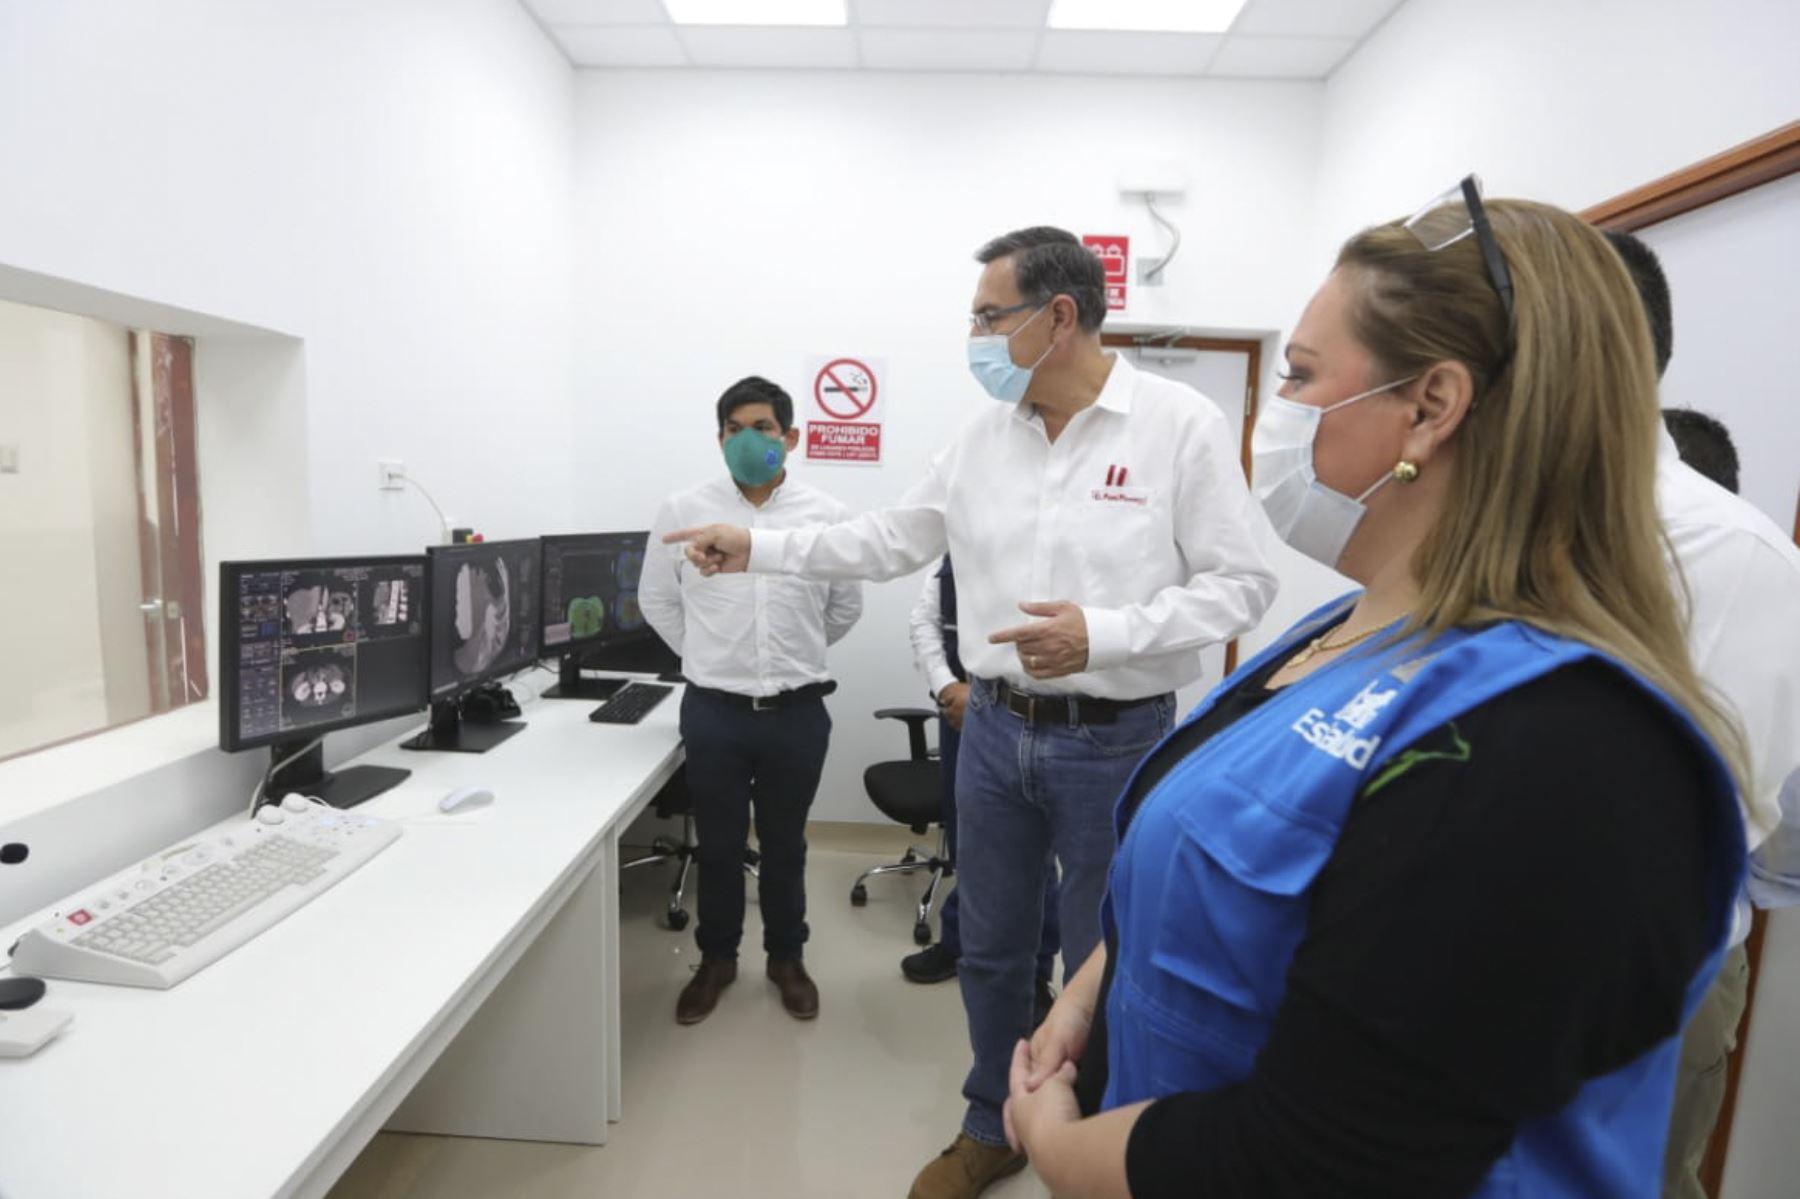 El presidente Martín Vizcarra participó en la instalación de los servicios de tomografía en la unidad de ayuda al diagnóstico y tratamiento del Hospital I Víctor Alfredo Lazo Peralta de EsSalud de Puerto Maldonado.Foto:ANDINA/Prensa Presidencia